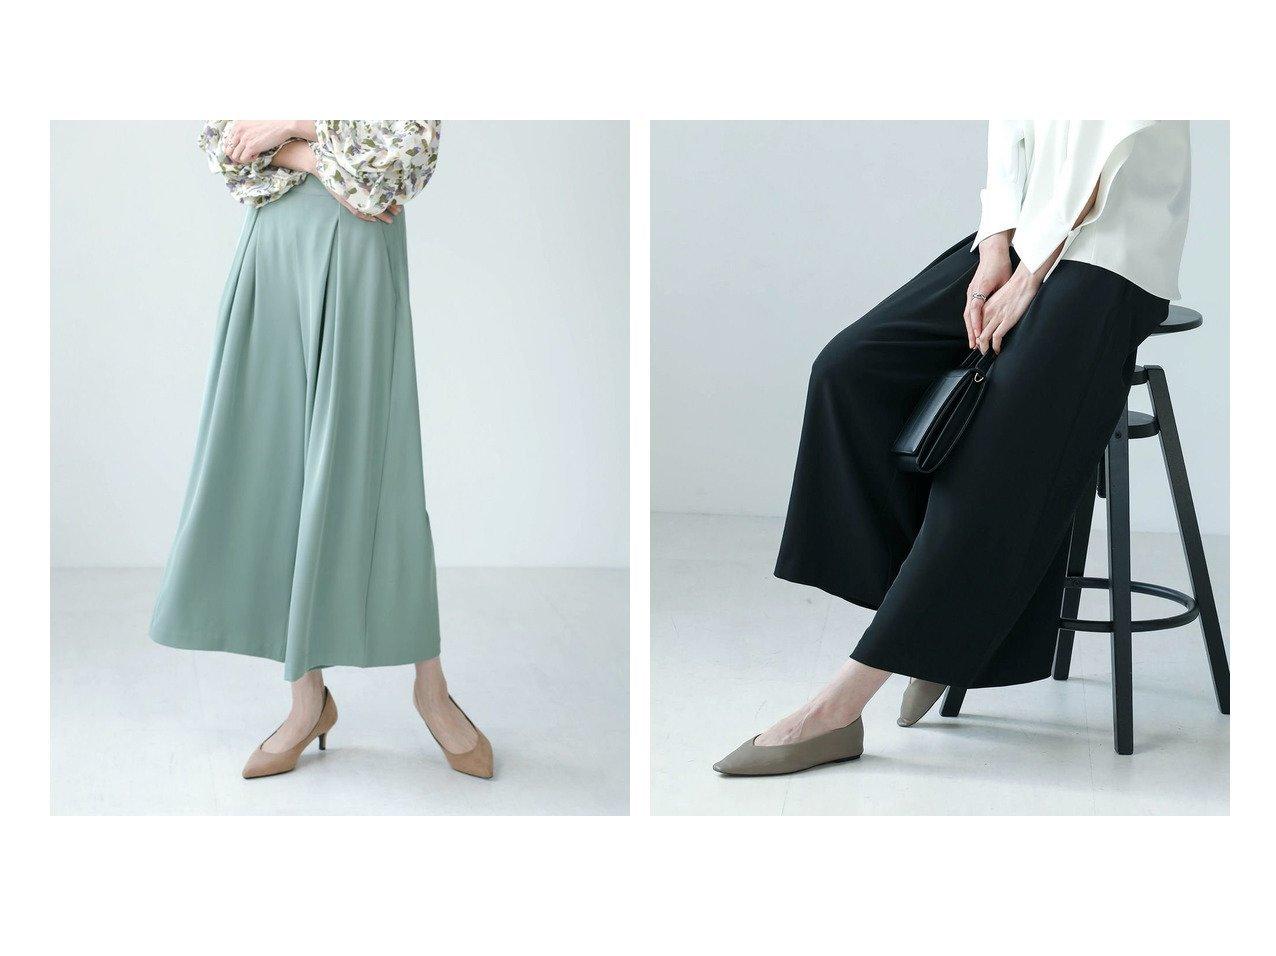 【Bou Jeloud/ブージュルード】のとろみワイドタックパンツ おすすめ!人気!プチプライスで上品なファッションアイテムの通販 おすすめで人気の流行・トレンド、ファッションの通販商品 メンズファッション・キッズファッション・インテリア・家具・レディースファッション・服の通販 founy(ファニー) https://founy.com/ ファッション Fashion レディースファッション WOMEN パンツ Pants とろみ エレガント セットアップ フレア プチプライス・低価格 Affordable ワイド |ID:crp329100000024369